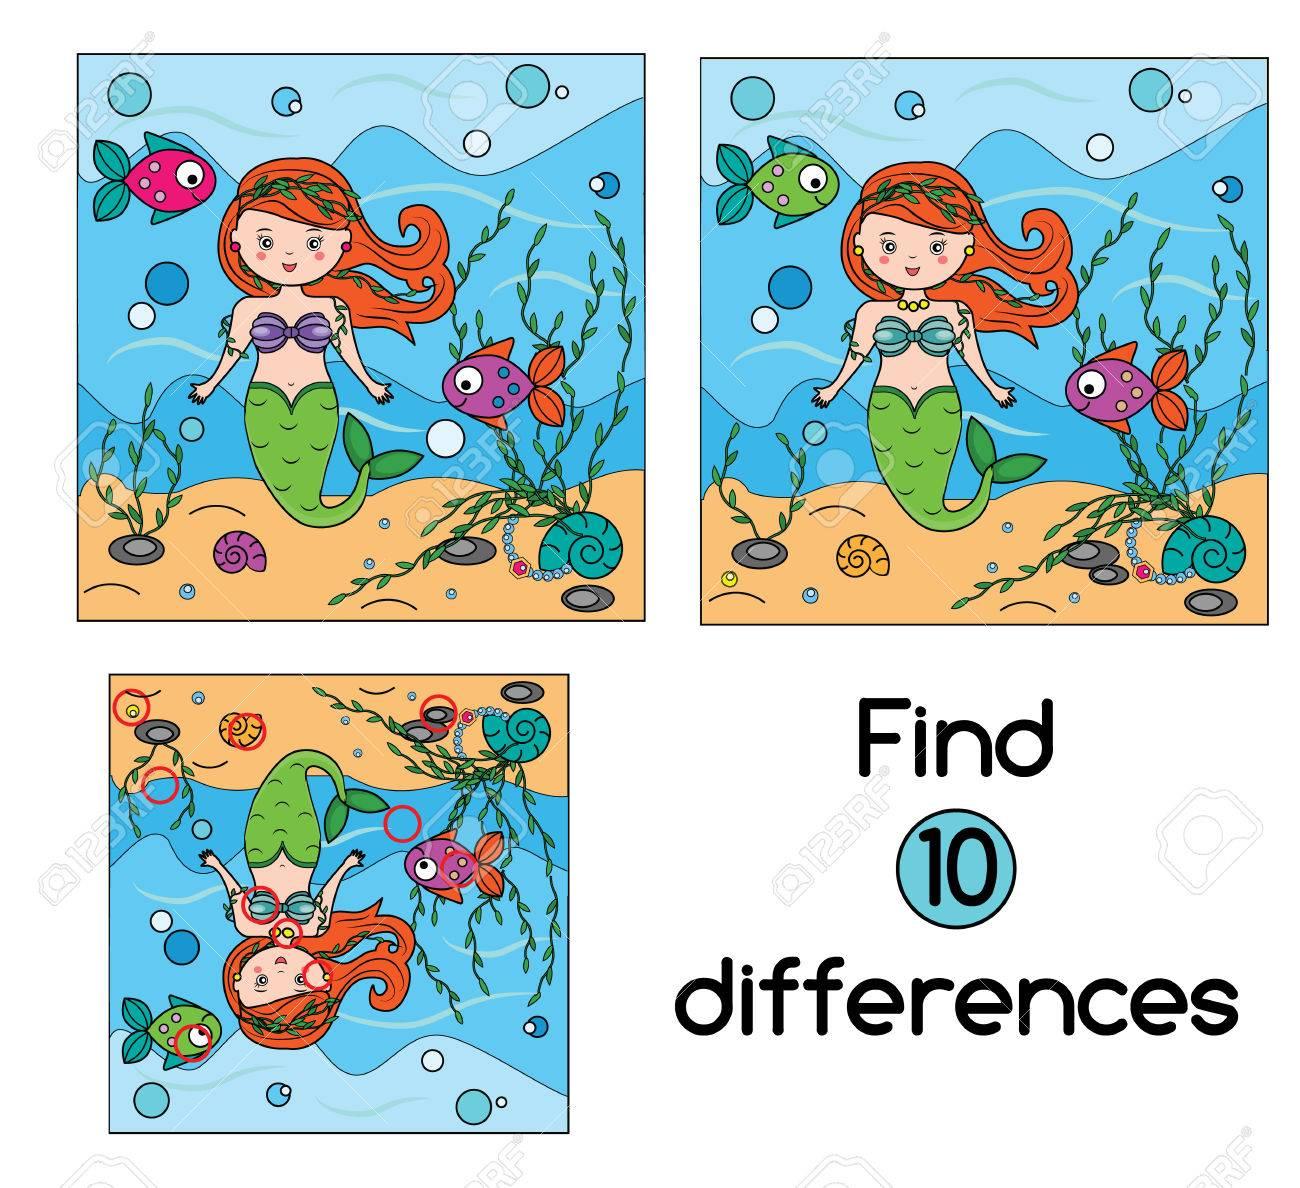 Finden Sie Die Unterschiede Pädagogische Kinder-Spiel Mit Antwort ...